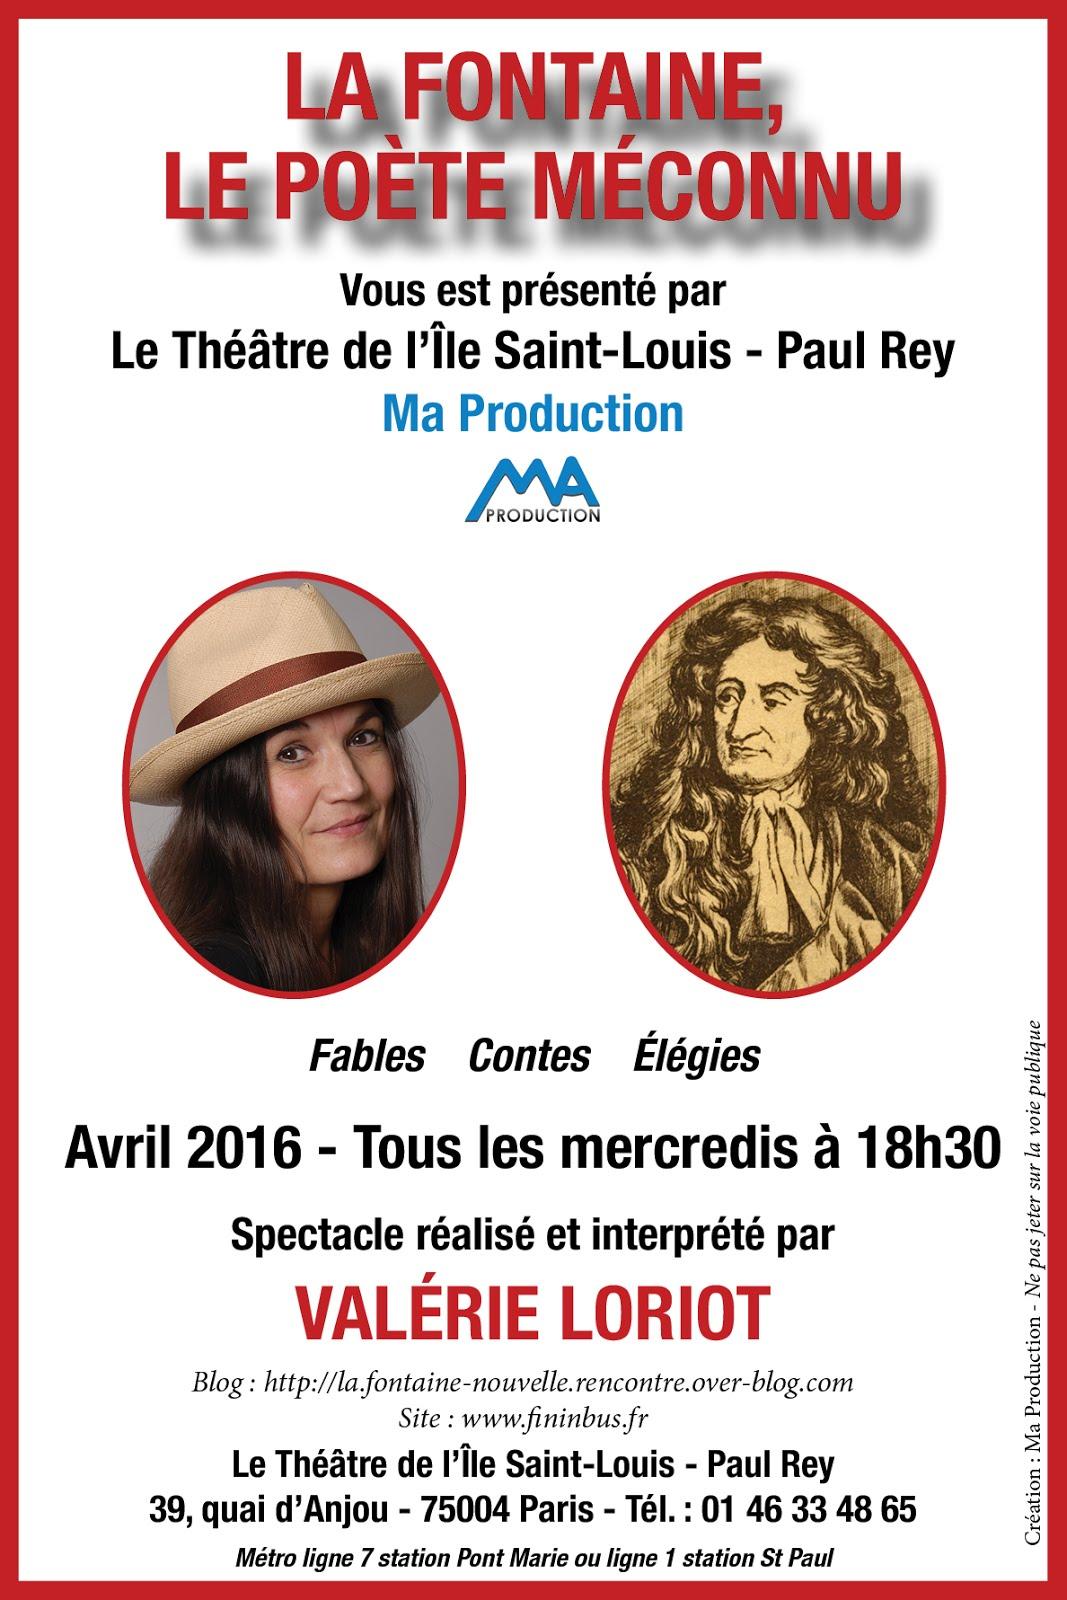 TOUS LES MERCREDIS D' AVRIL A PARIS: LA FONTAINE LE POETE MECONNU